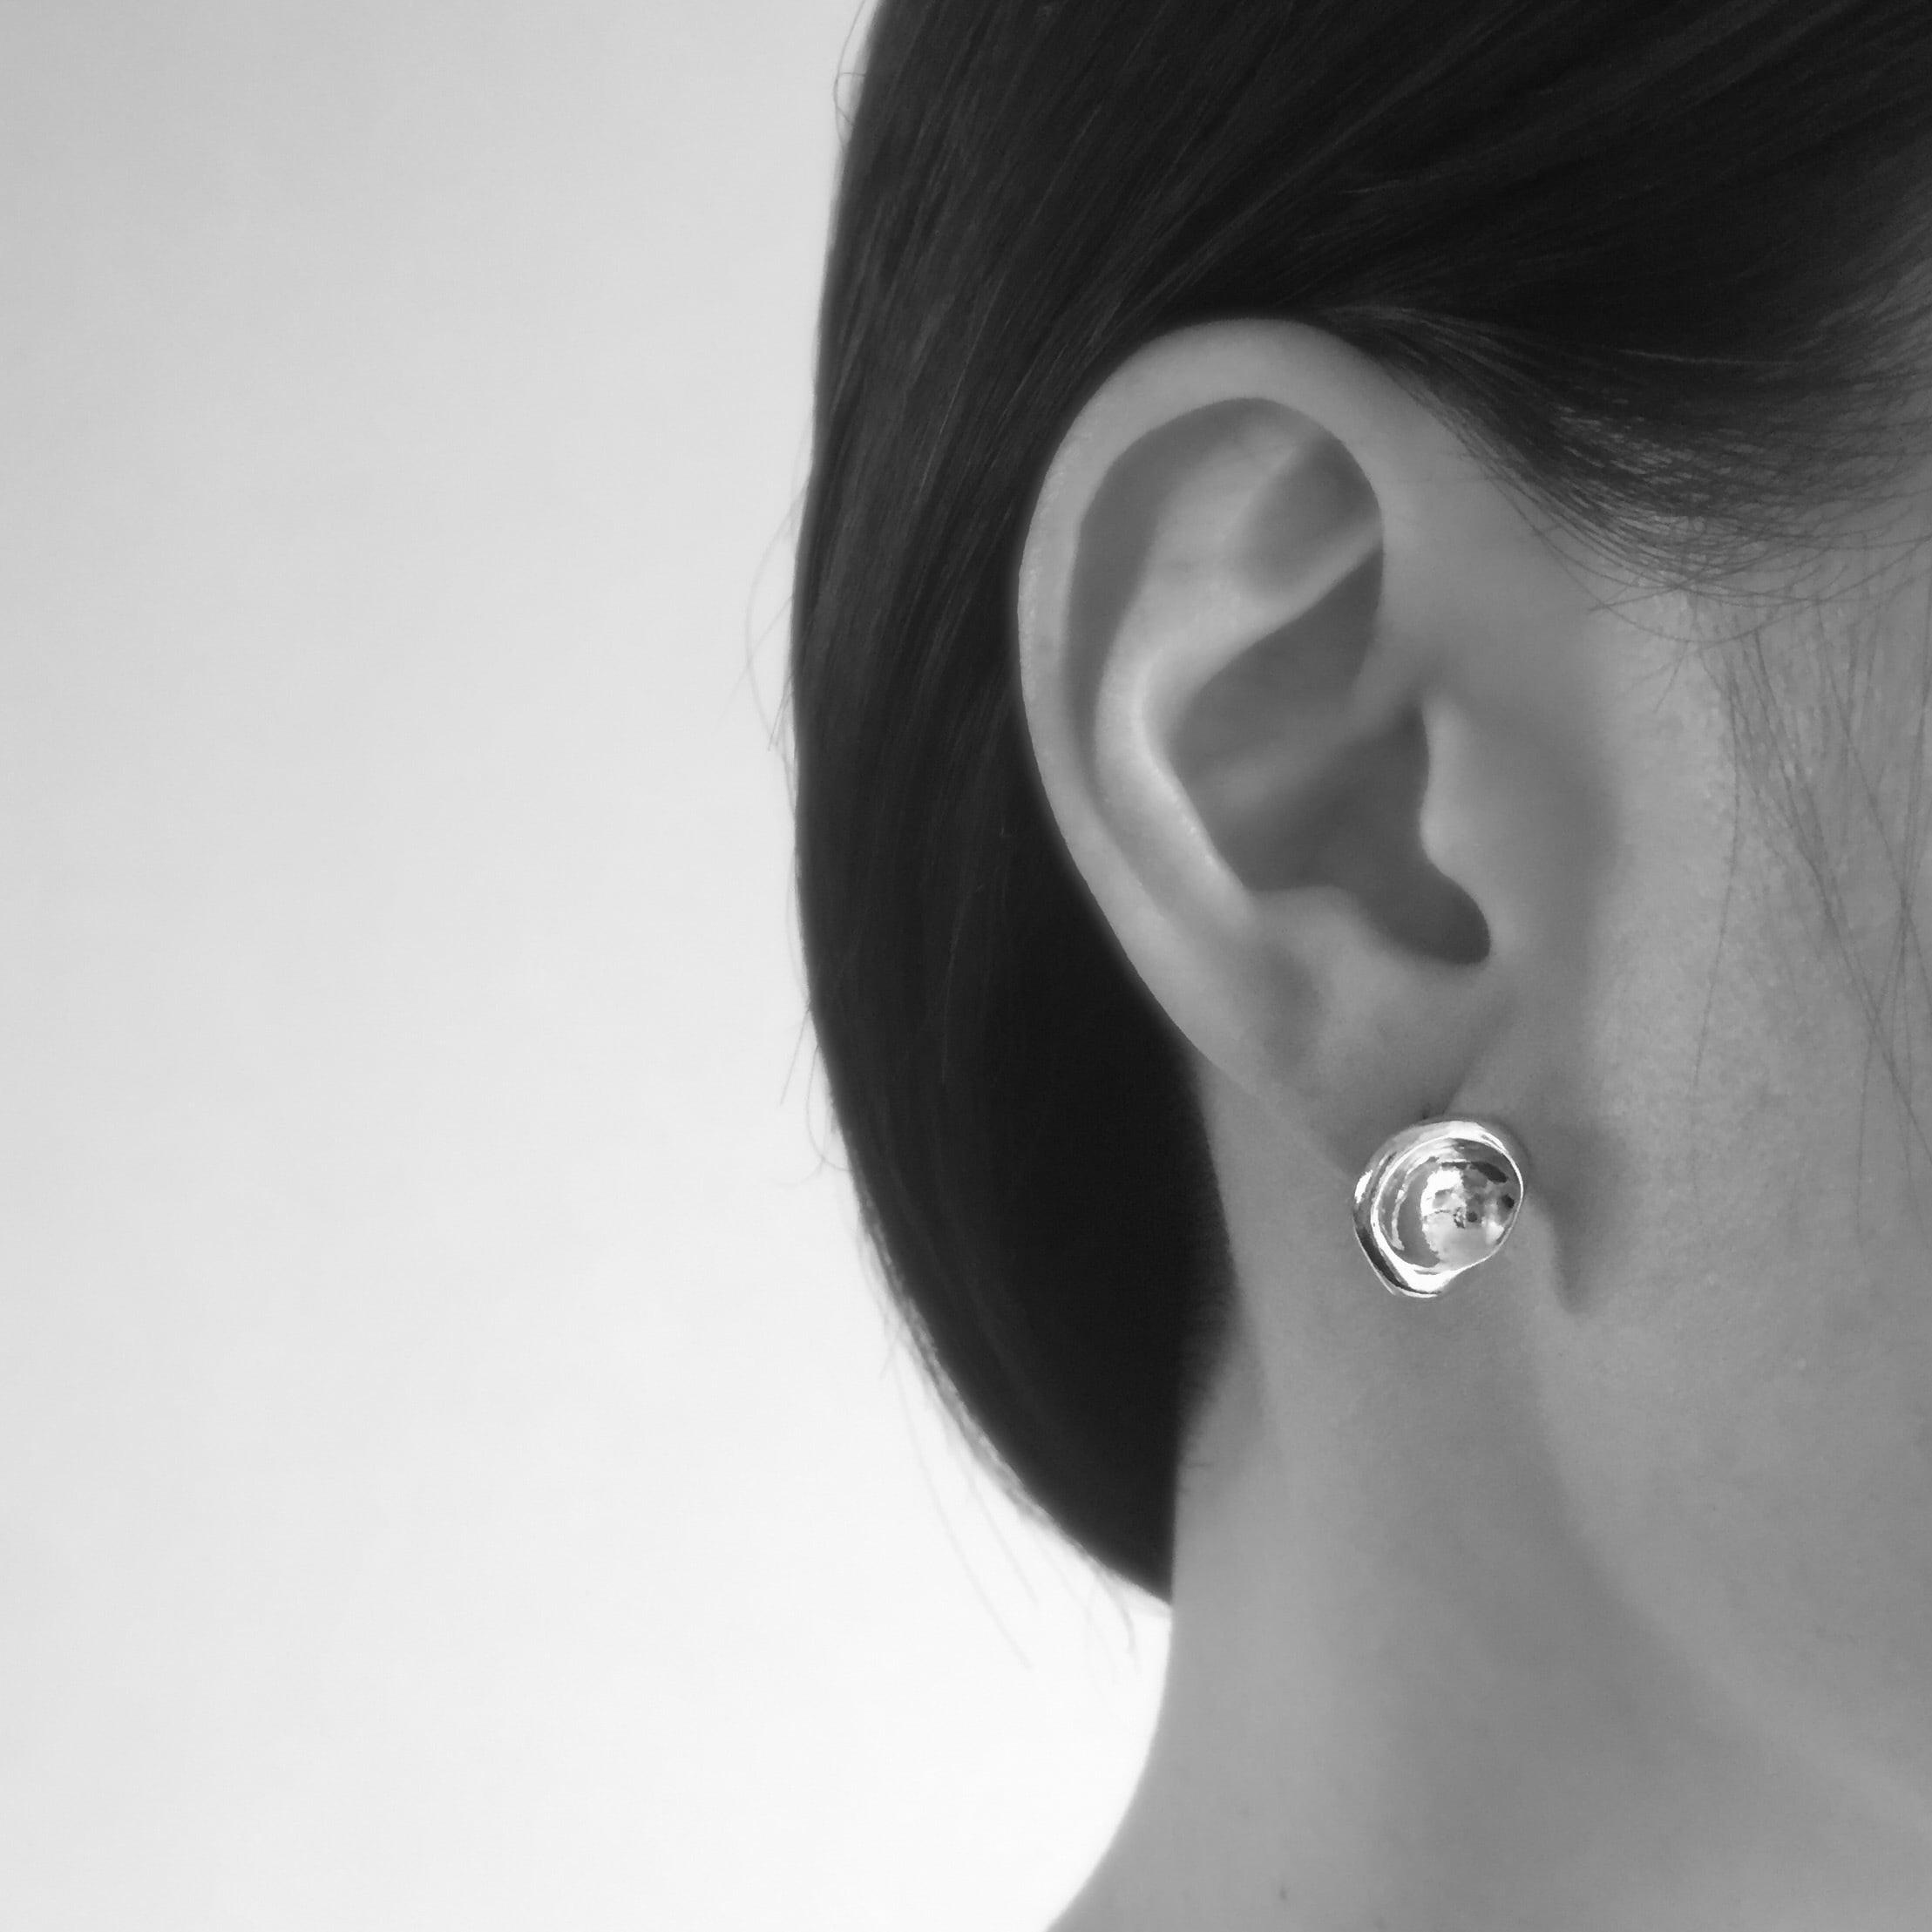 Crater pierced earrings